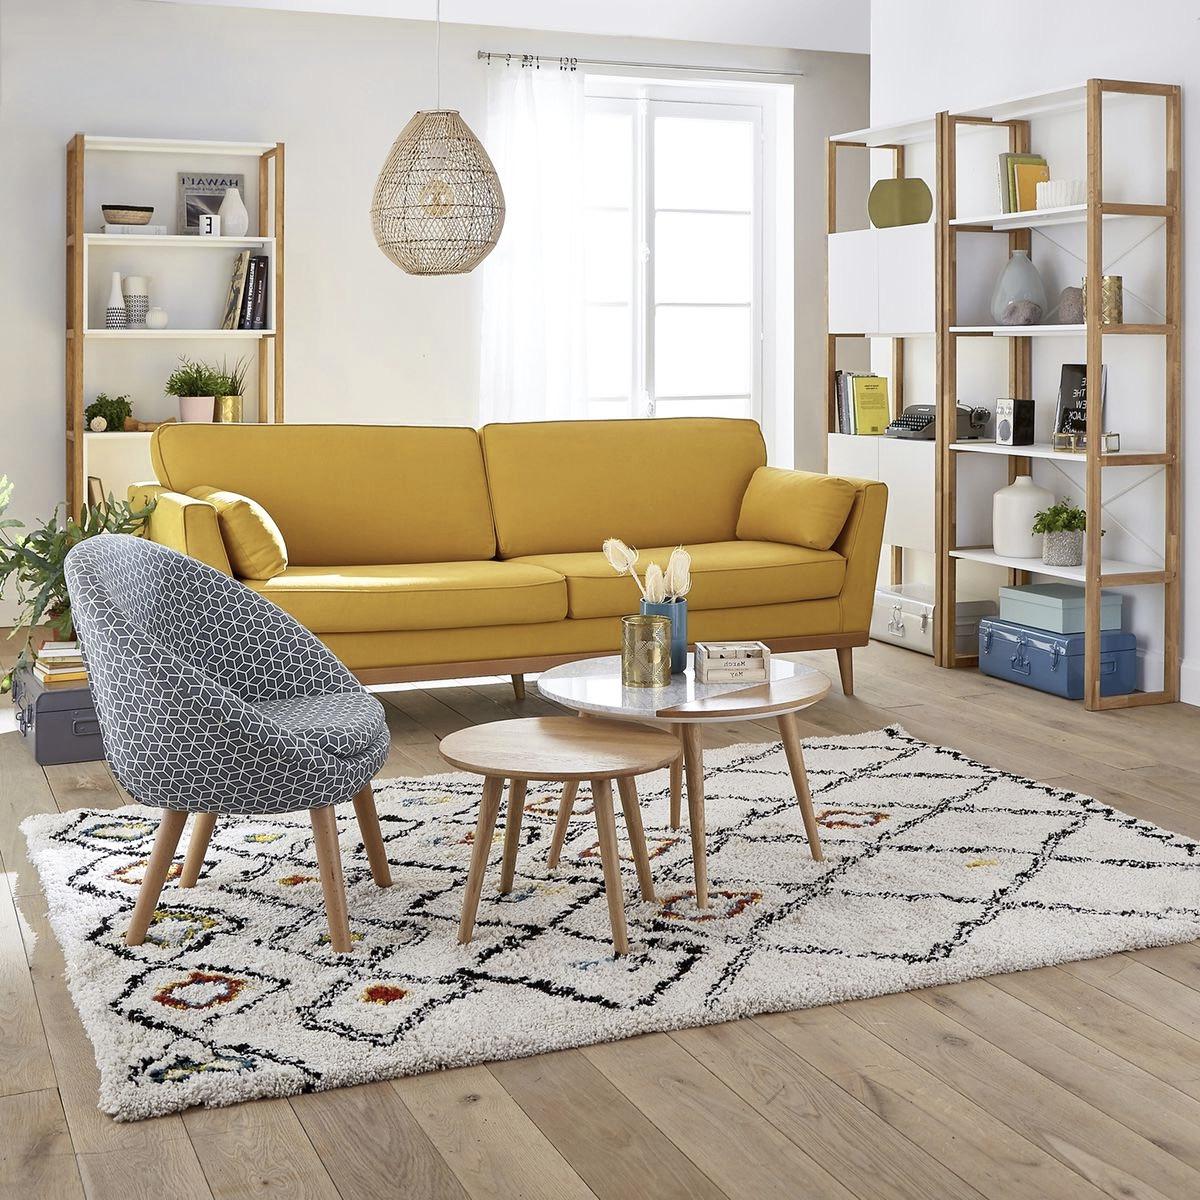 canapé lin jaune pastel décoration grise fauteuil fauteuil motif